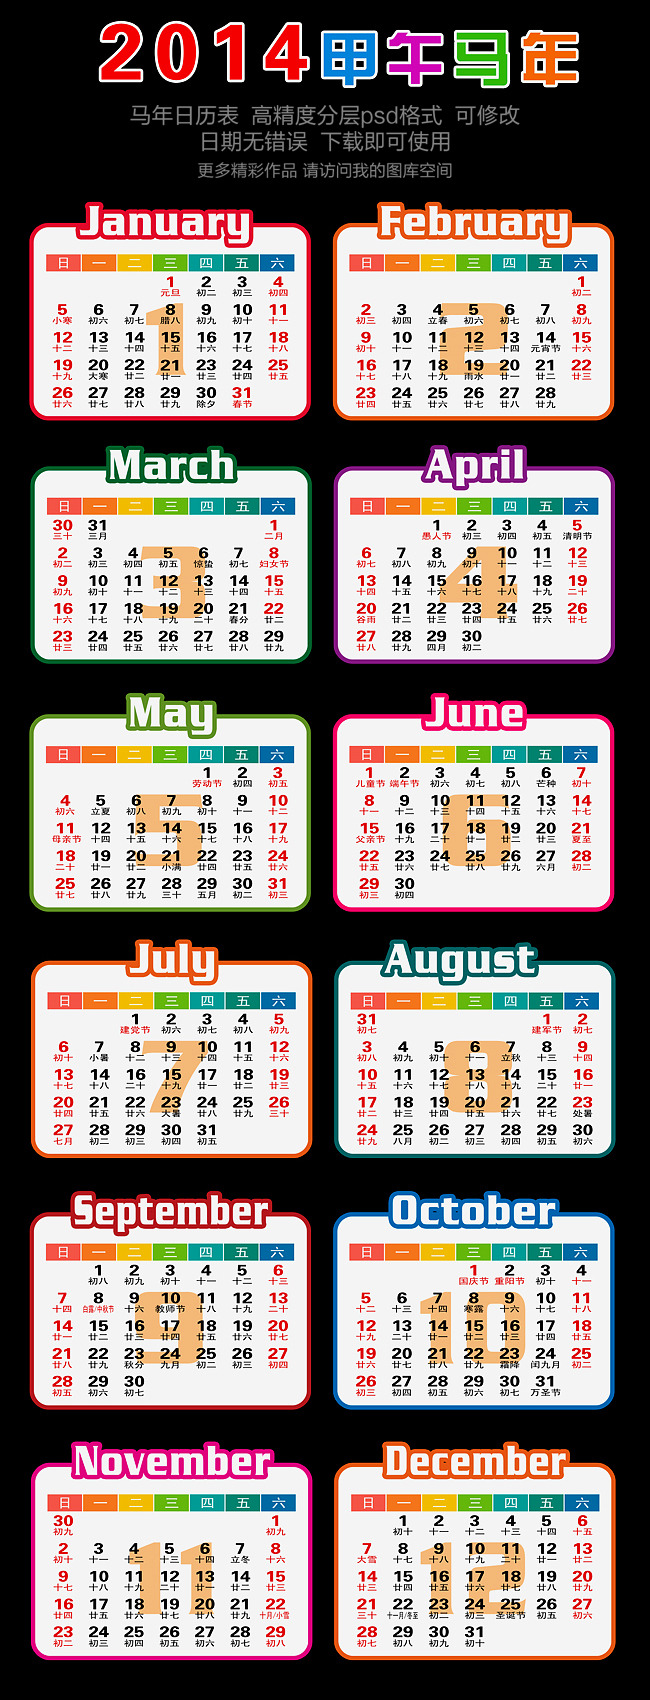 2014年马年台历日历条模板模板下载 2014年马年台历日历条模板图片